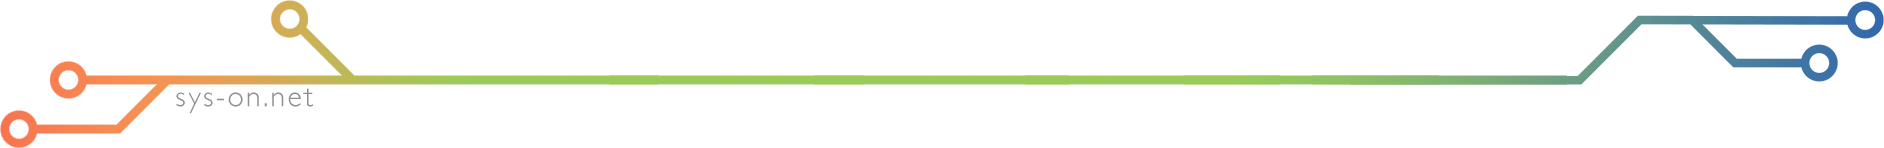 SeparatorNet - سكايب سيوفر ميزة دعم خدمات تسجيل المكالمات في وضعية Content Creator بويندوز 10